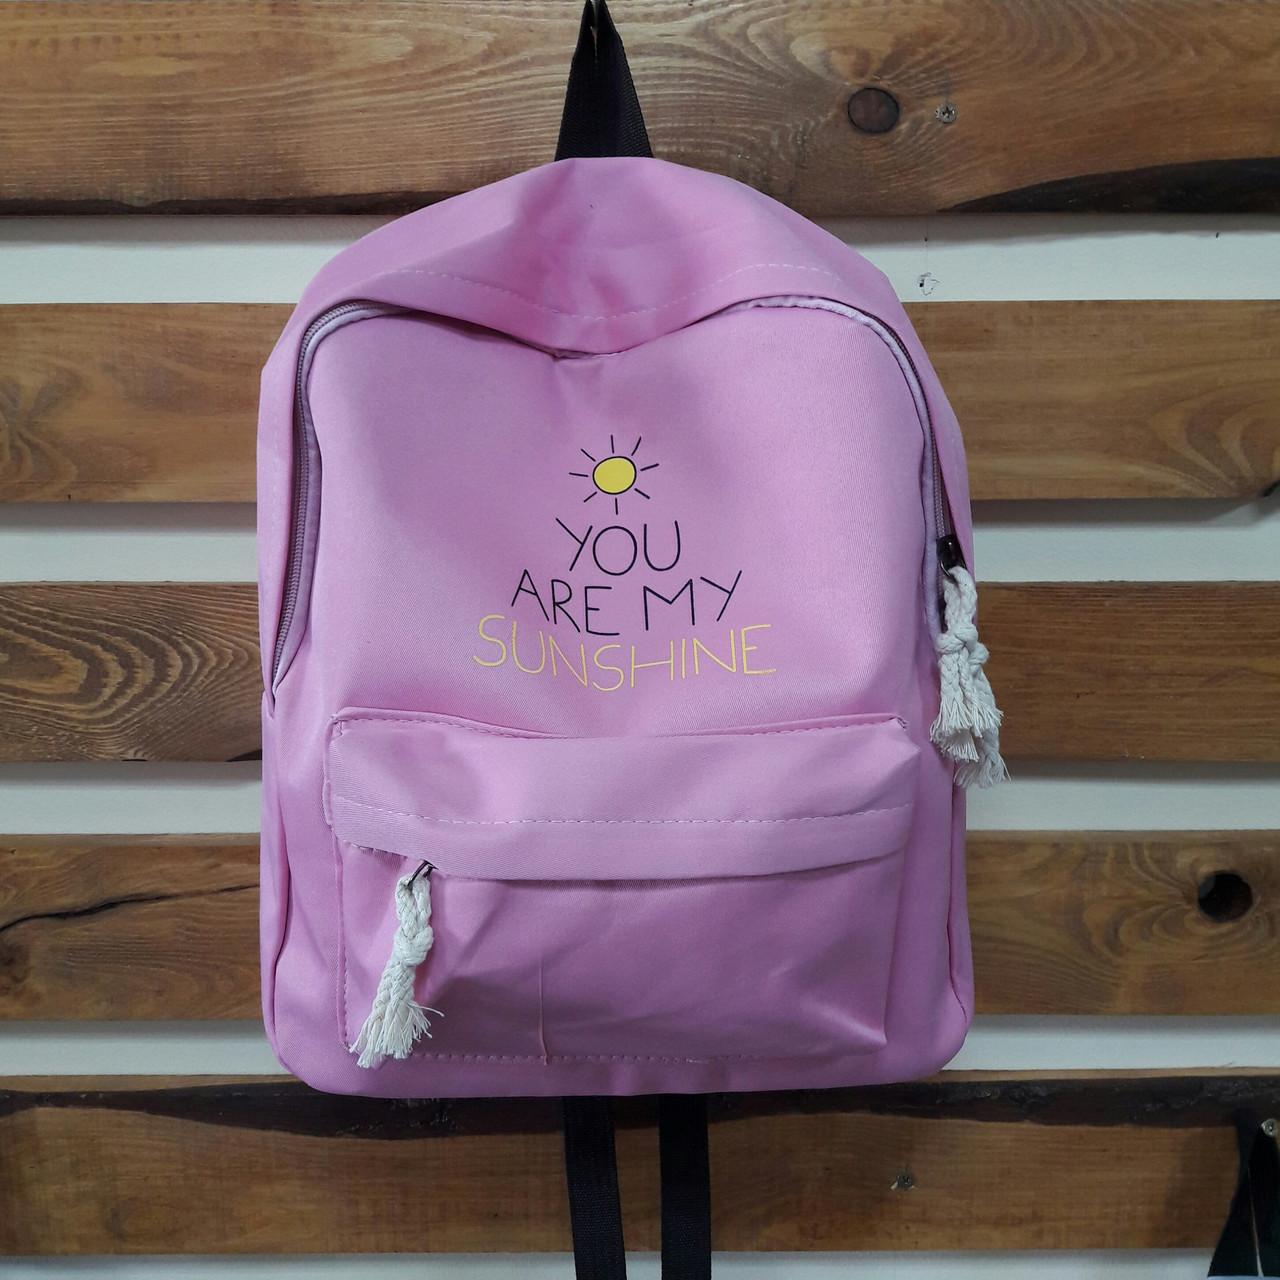 76026cfb78e0 Прогулочный рюкзак для подростка уценка - Интернет-магазин Mak-Shop в Днепре